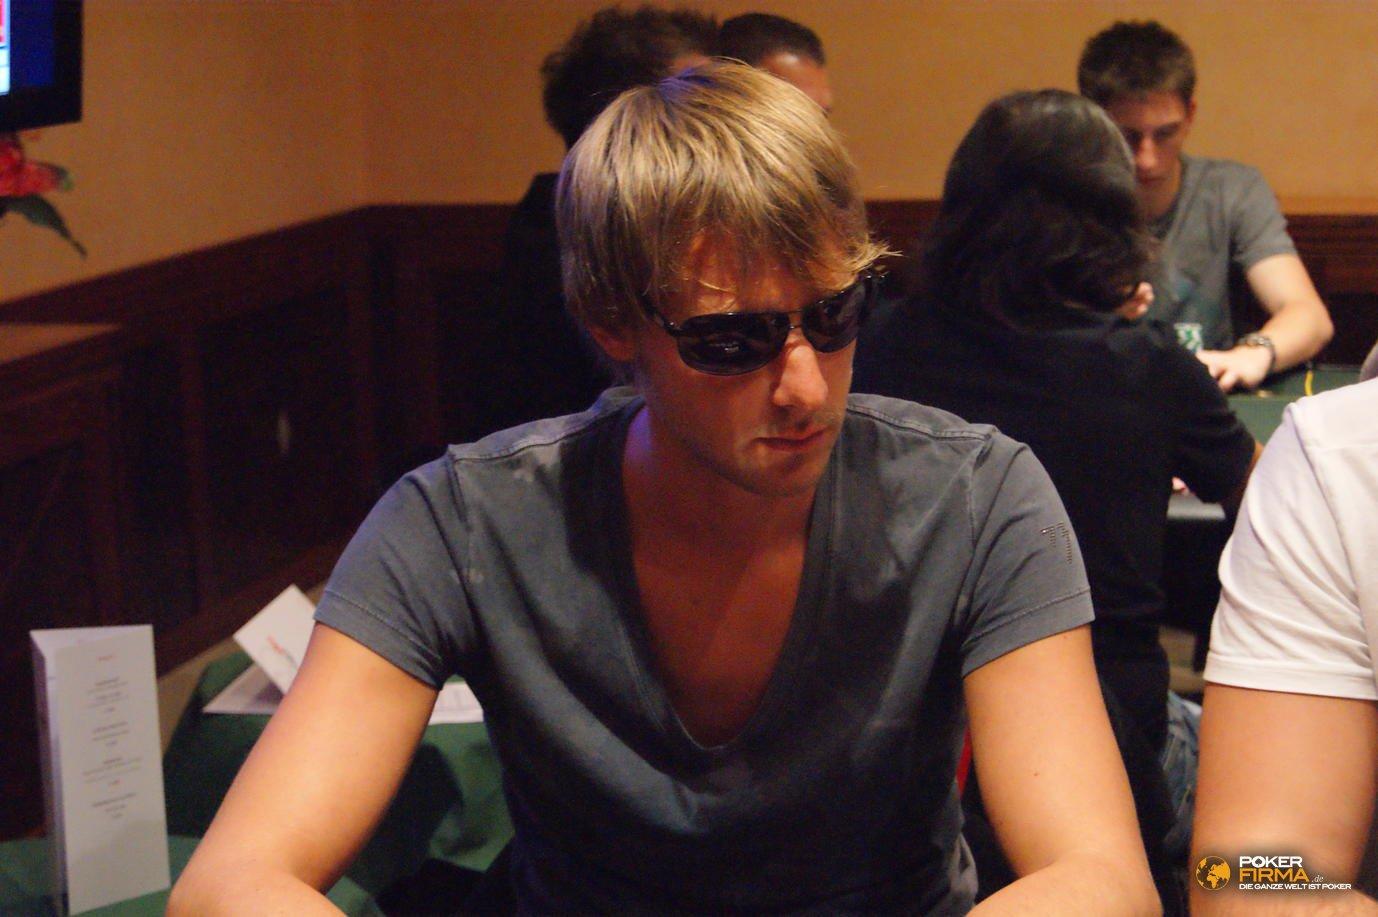 Poker_EM_2000_NLH_251011_Juergen_Sternad